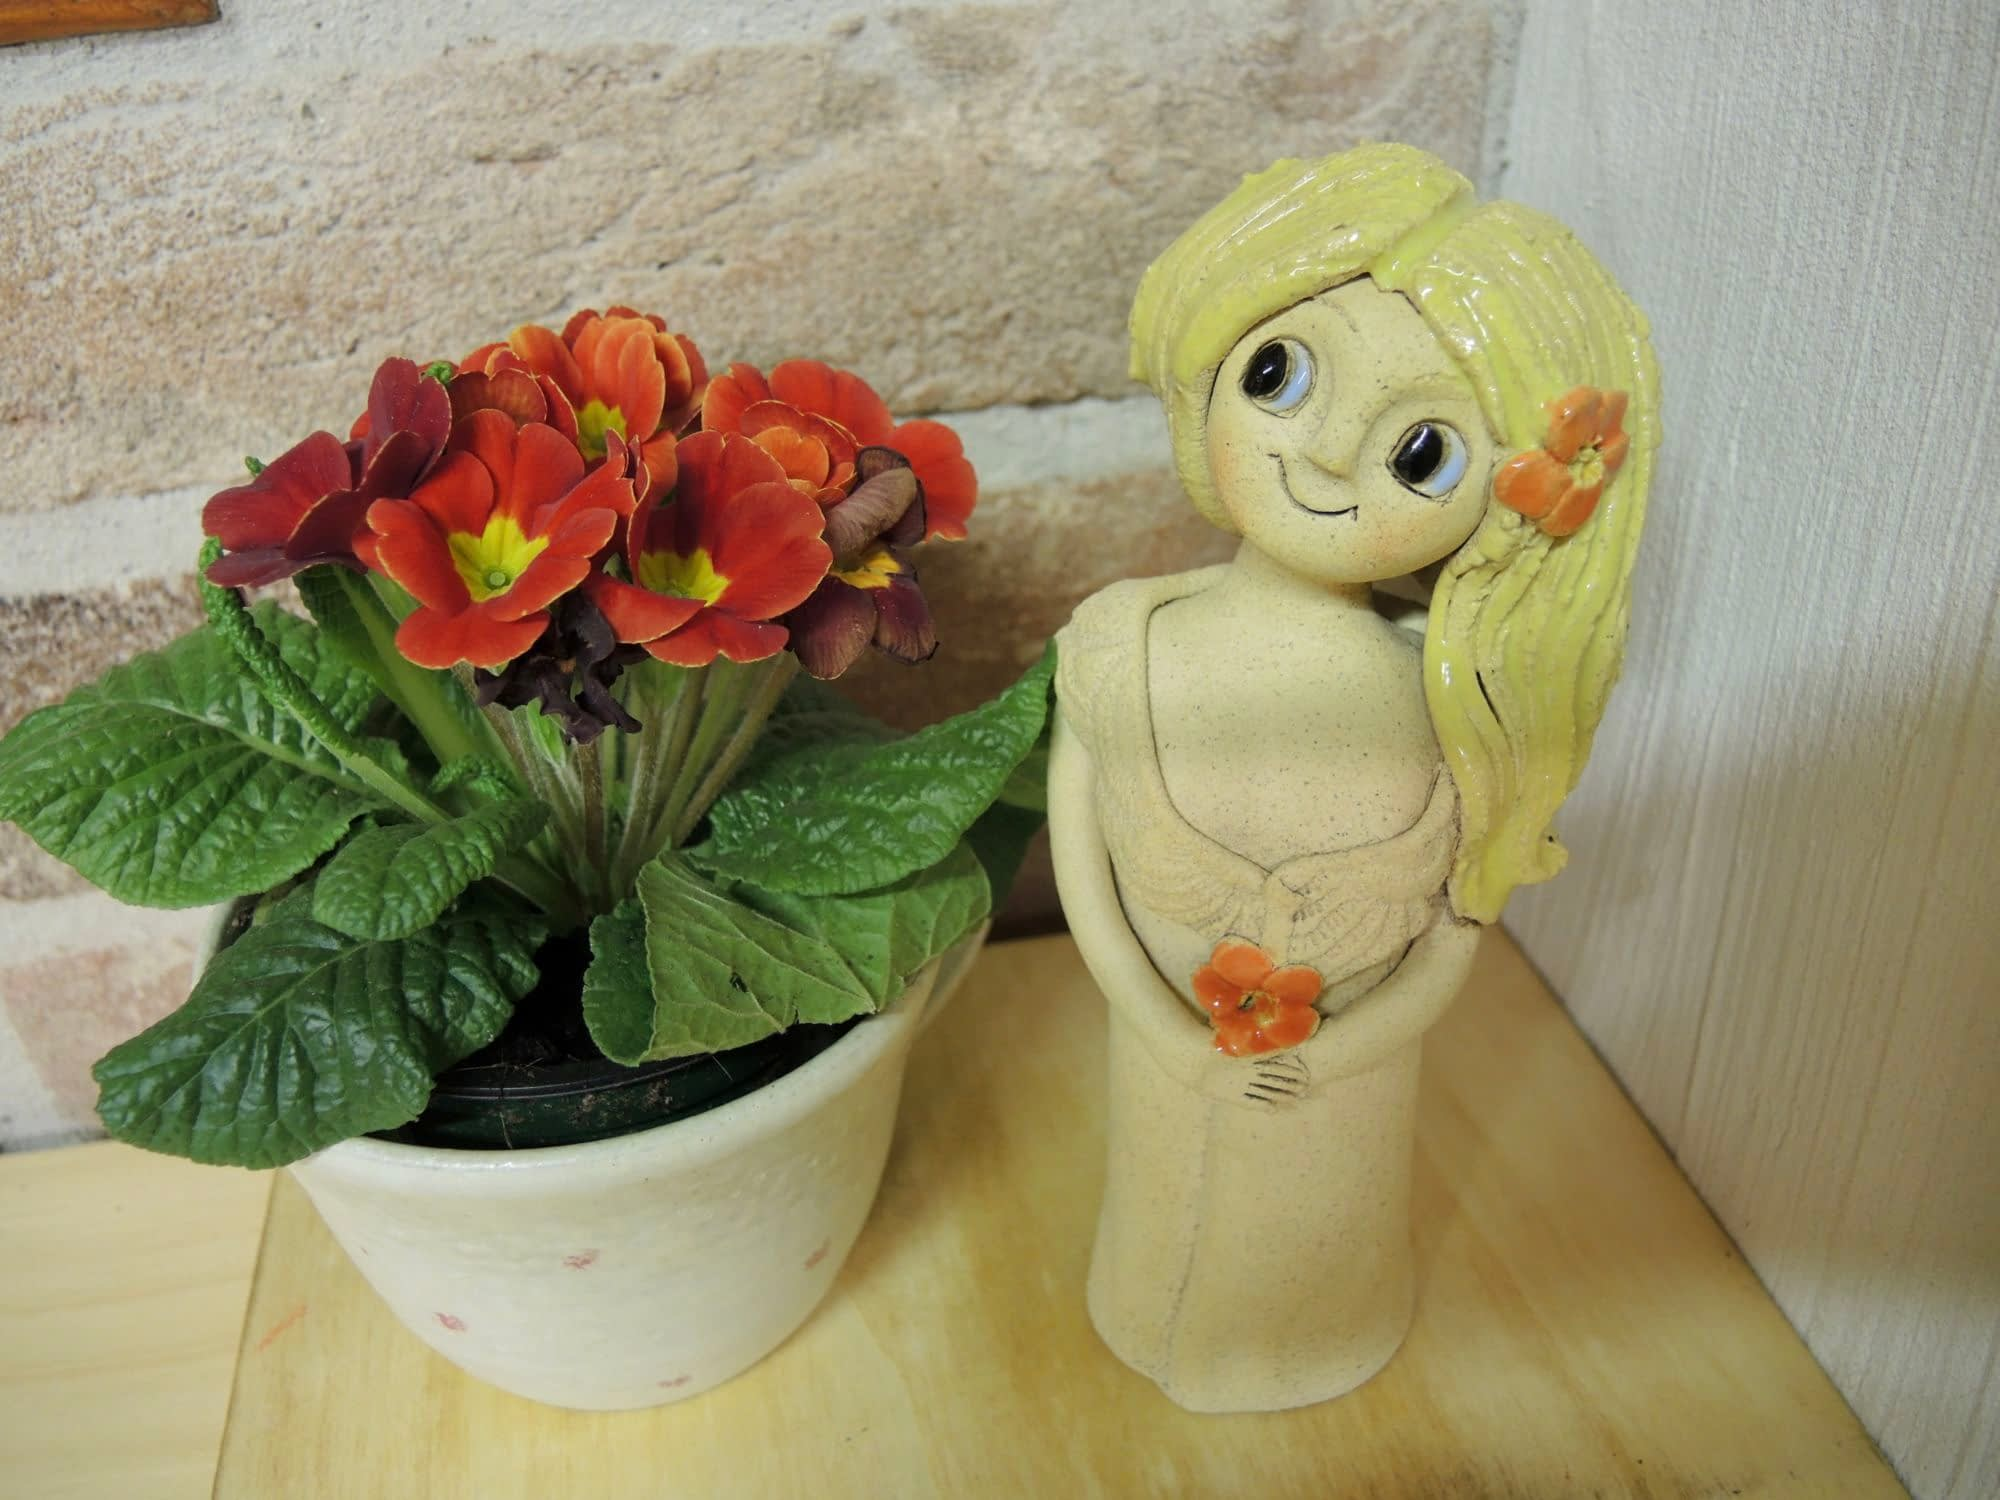 víla luční soška dívka keramika andee